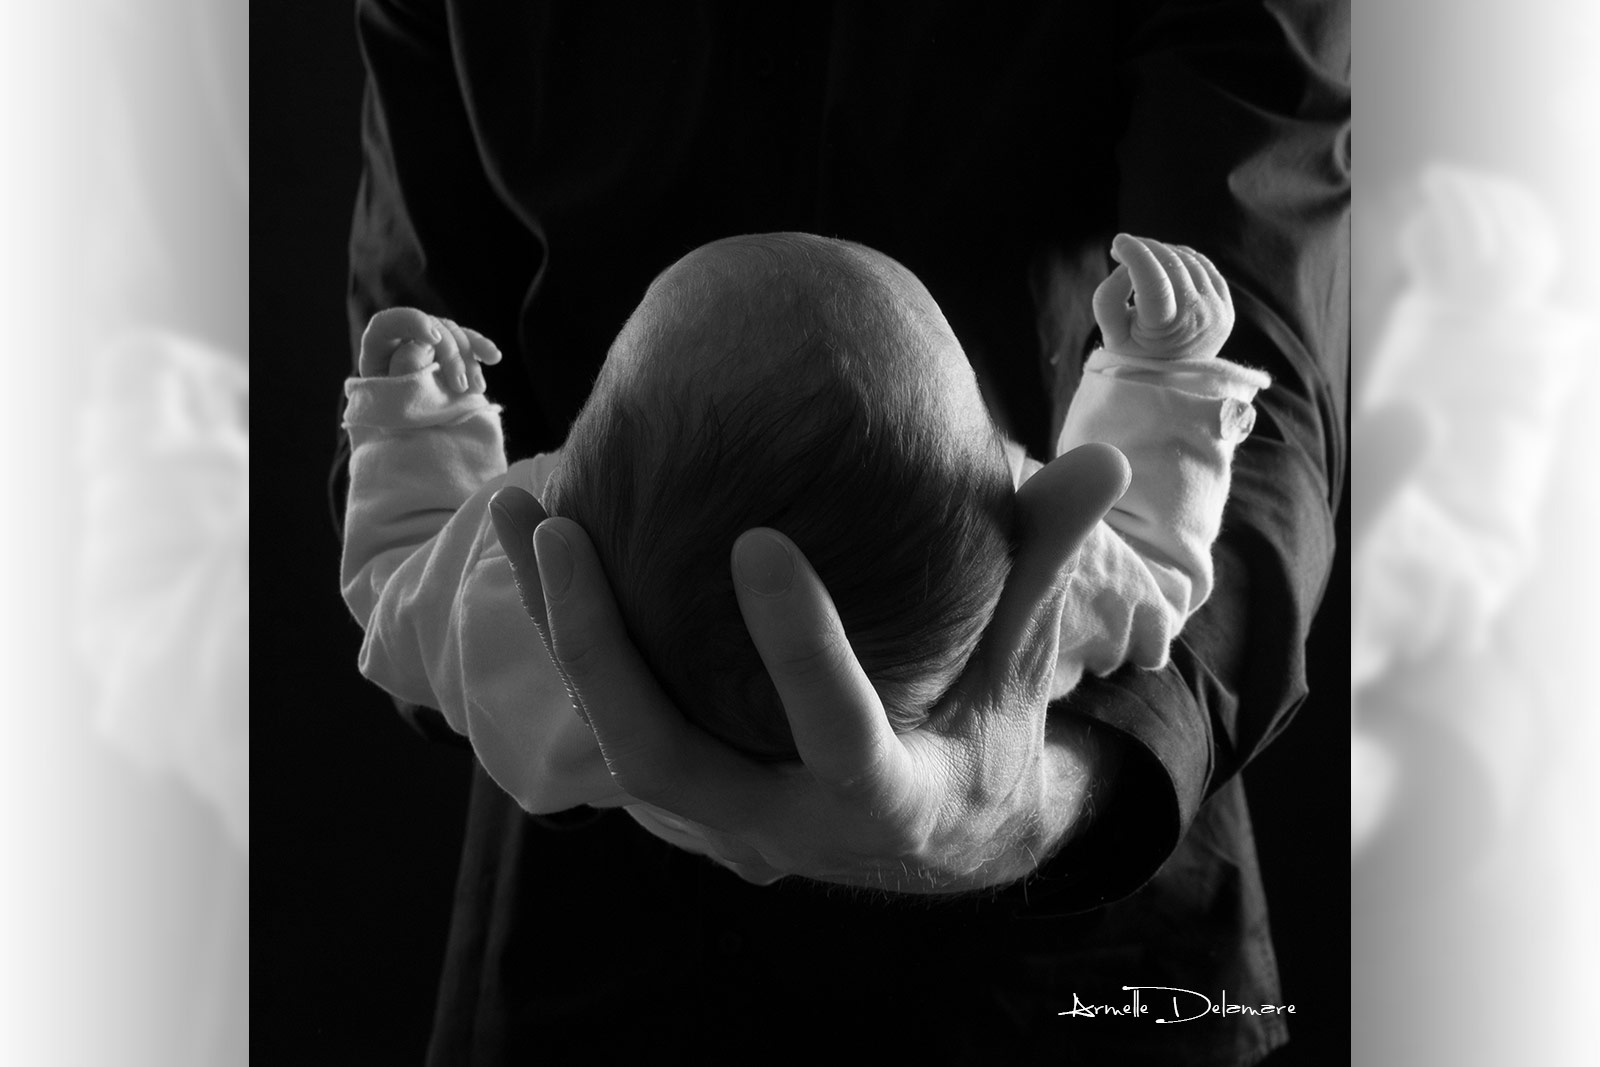 Armelle Delamare Photographe Pavilly Photographie séance photo bébé naissance